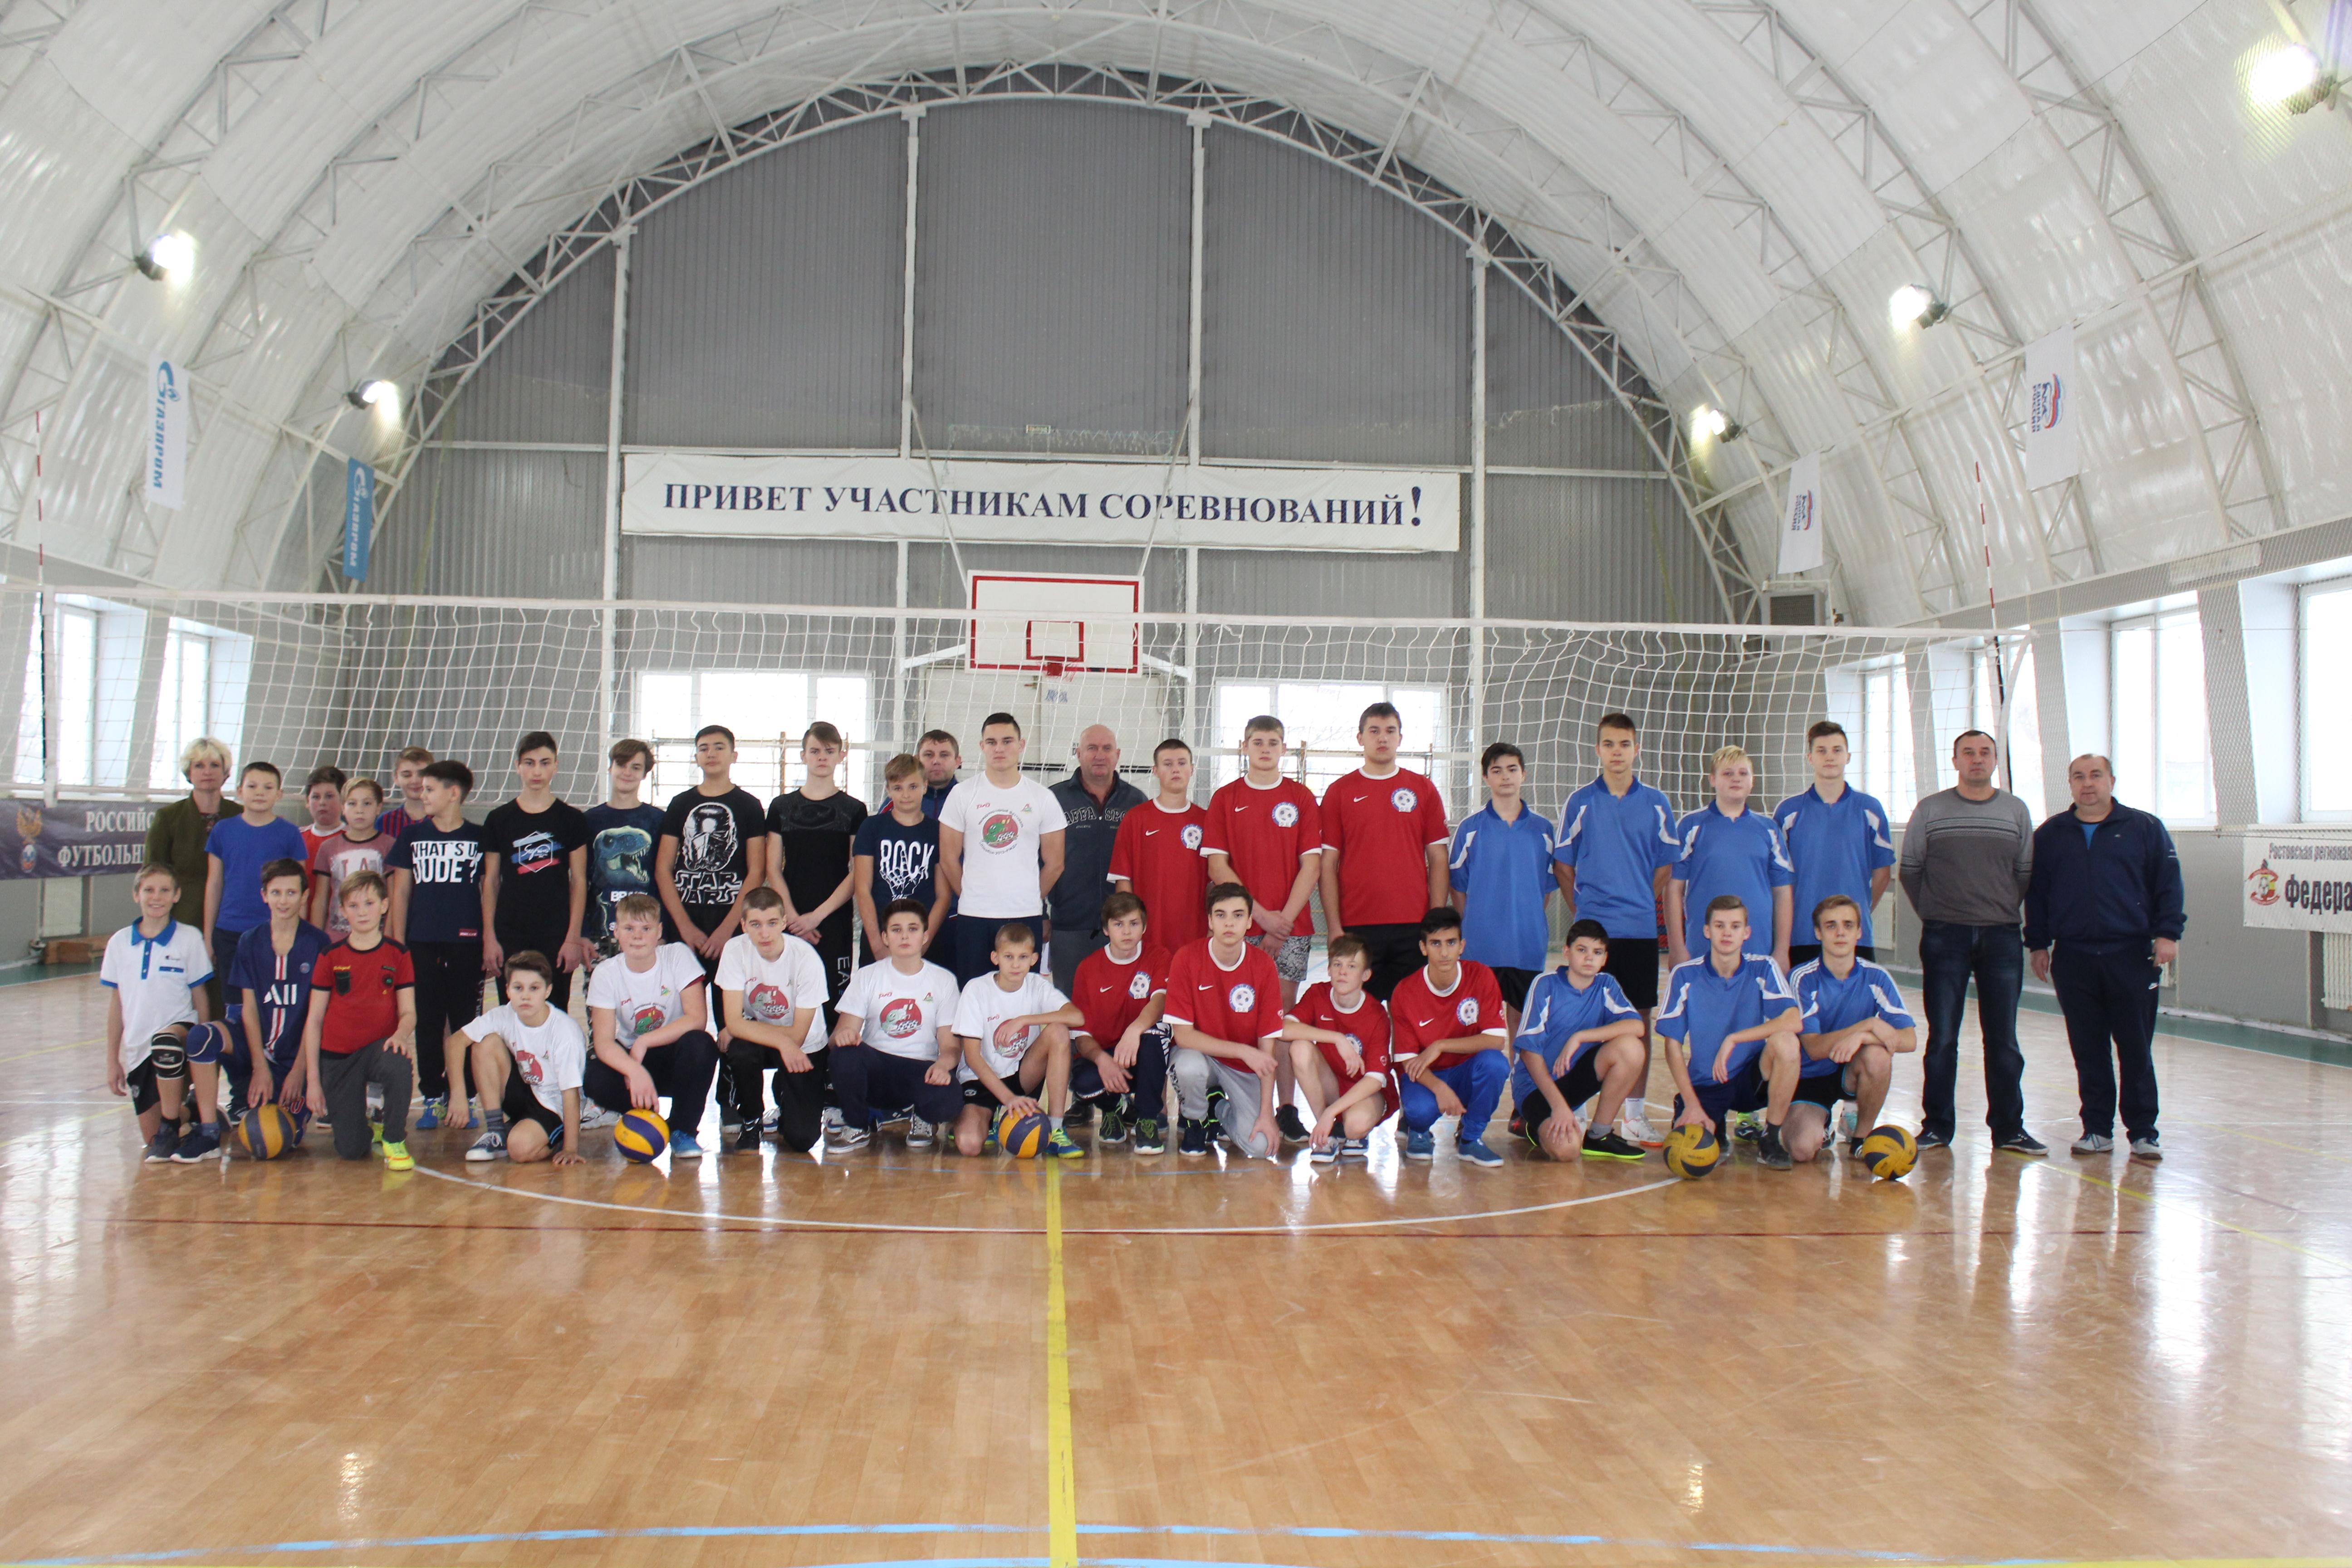 Соревнования по волейболу среди юношей 8-9 классовобразовательных учреждений Чертковского района.